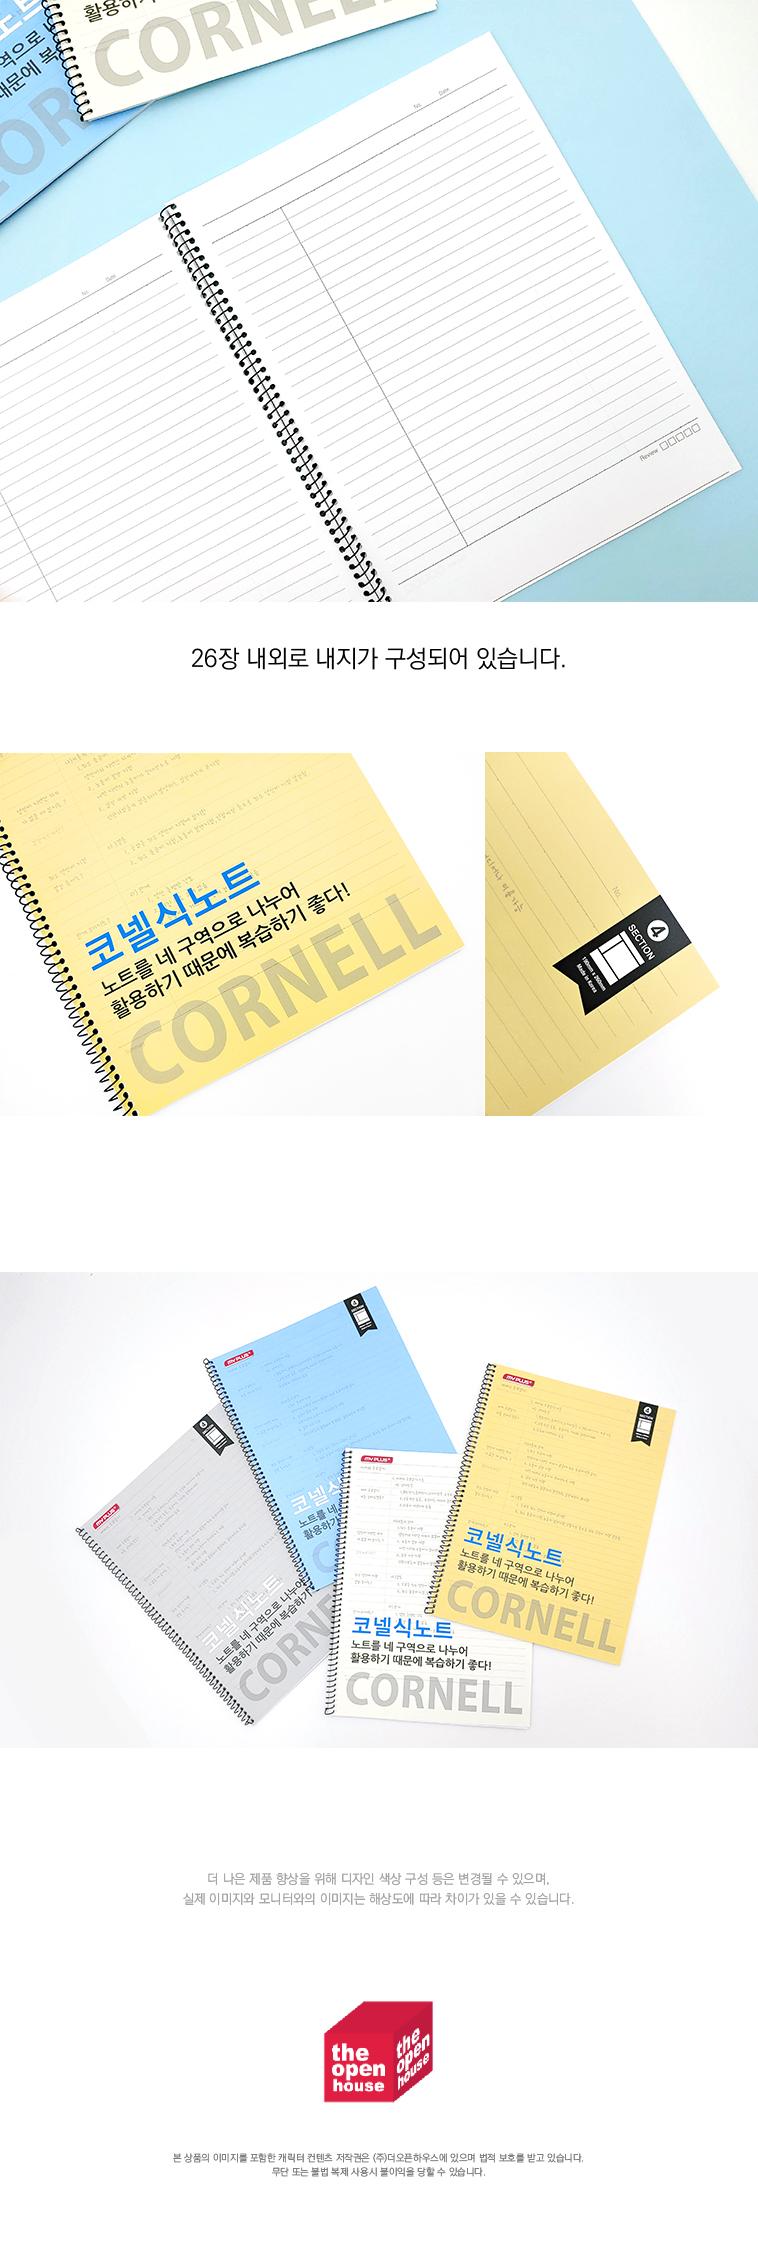 1000 코넬노트 (5개) - 더오픈하우스, 4,500원, 카드, 축하 카드